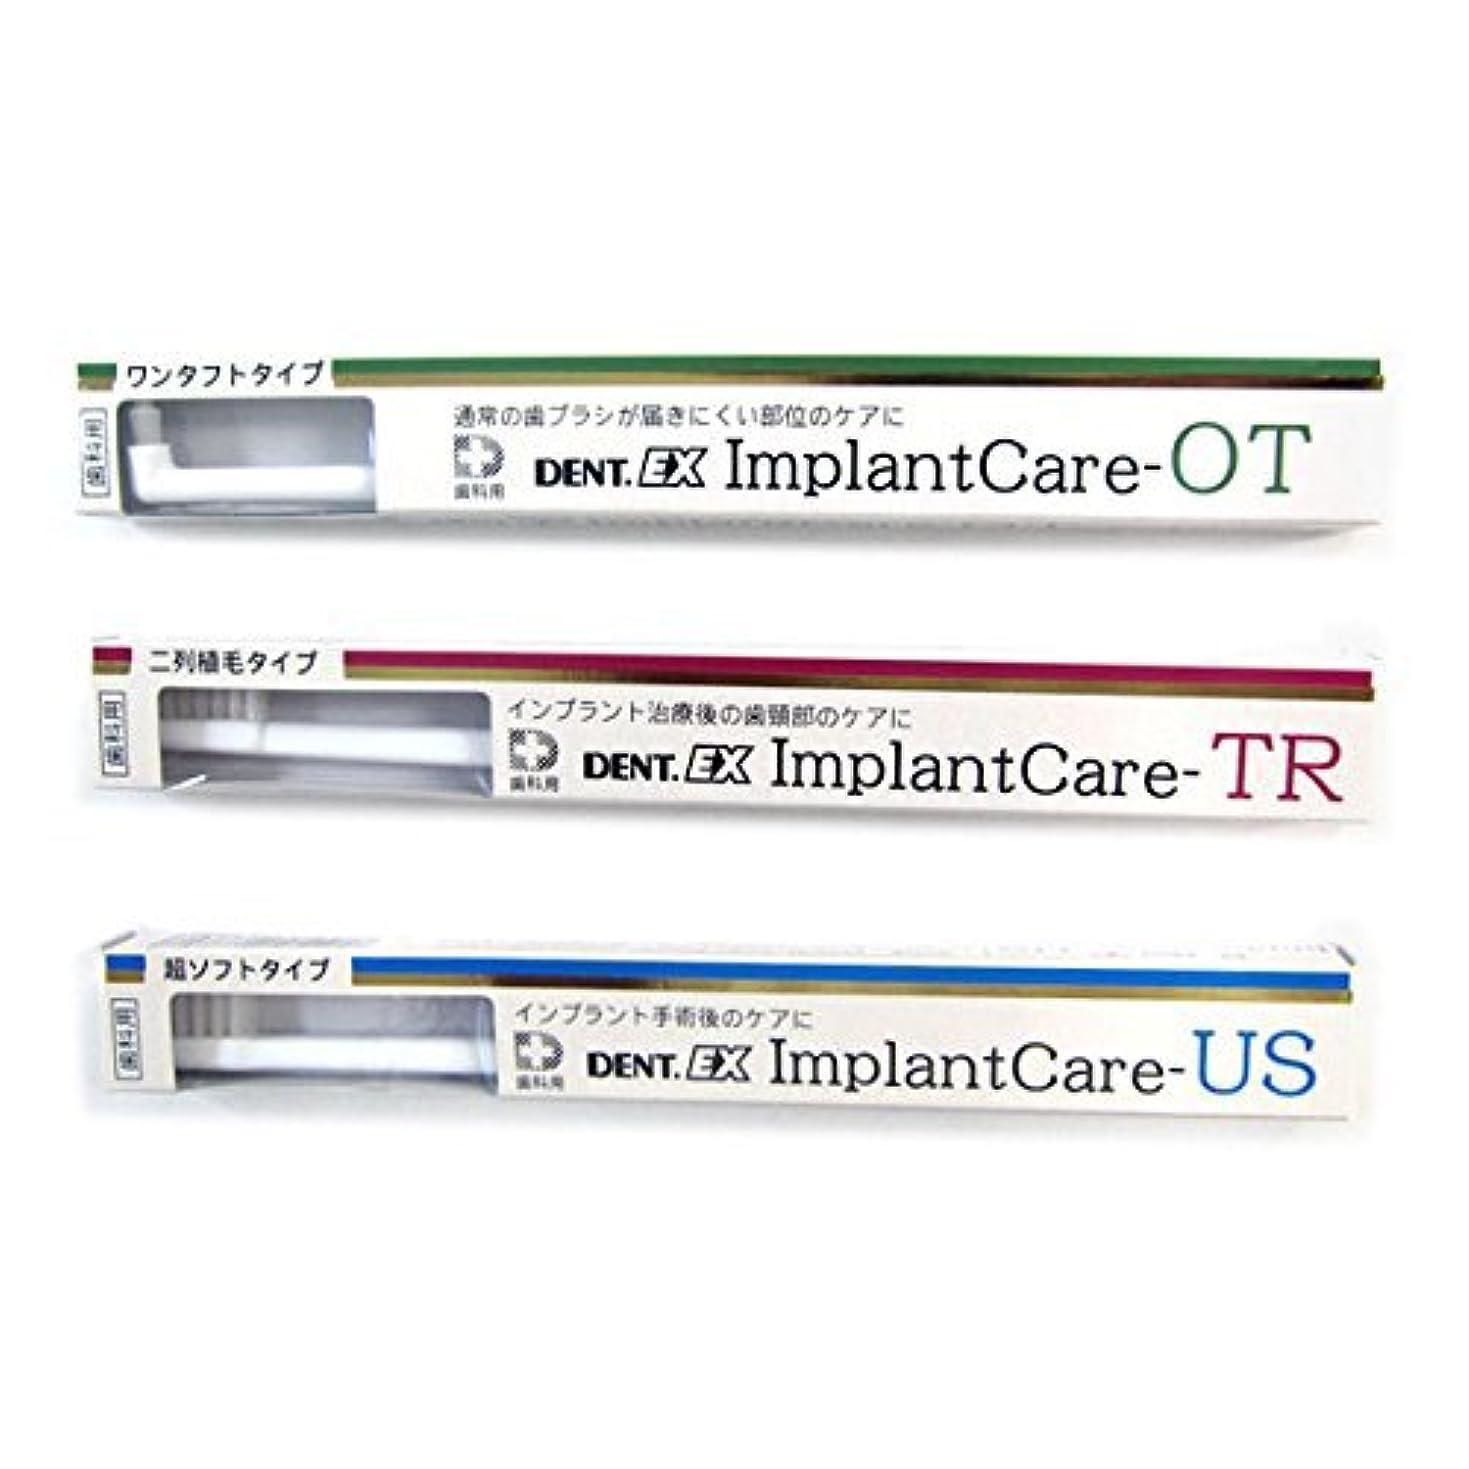 高層ビル反動感情のデント DENT EX ImplantCare インプラントケア 単品 TR(二列)